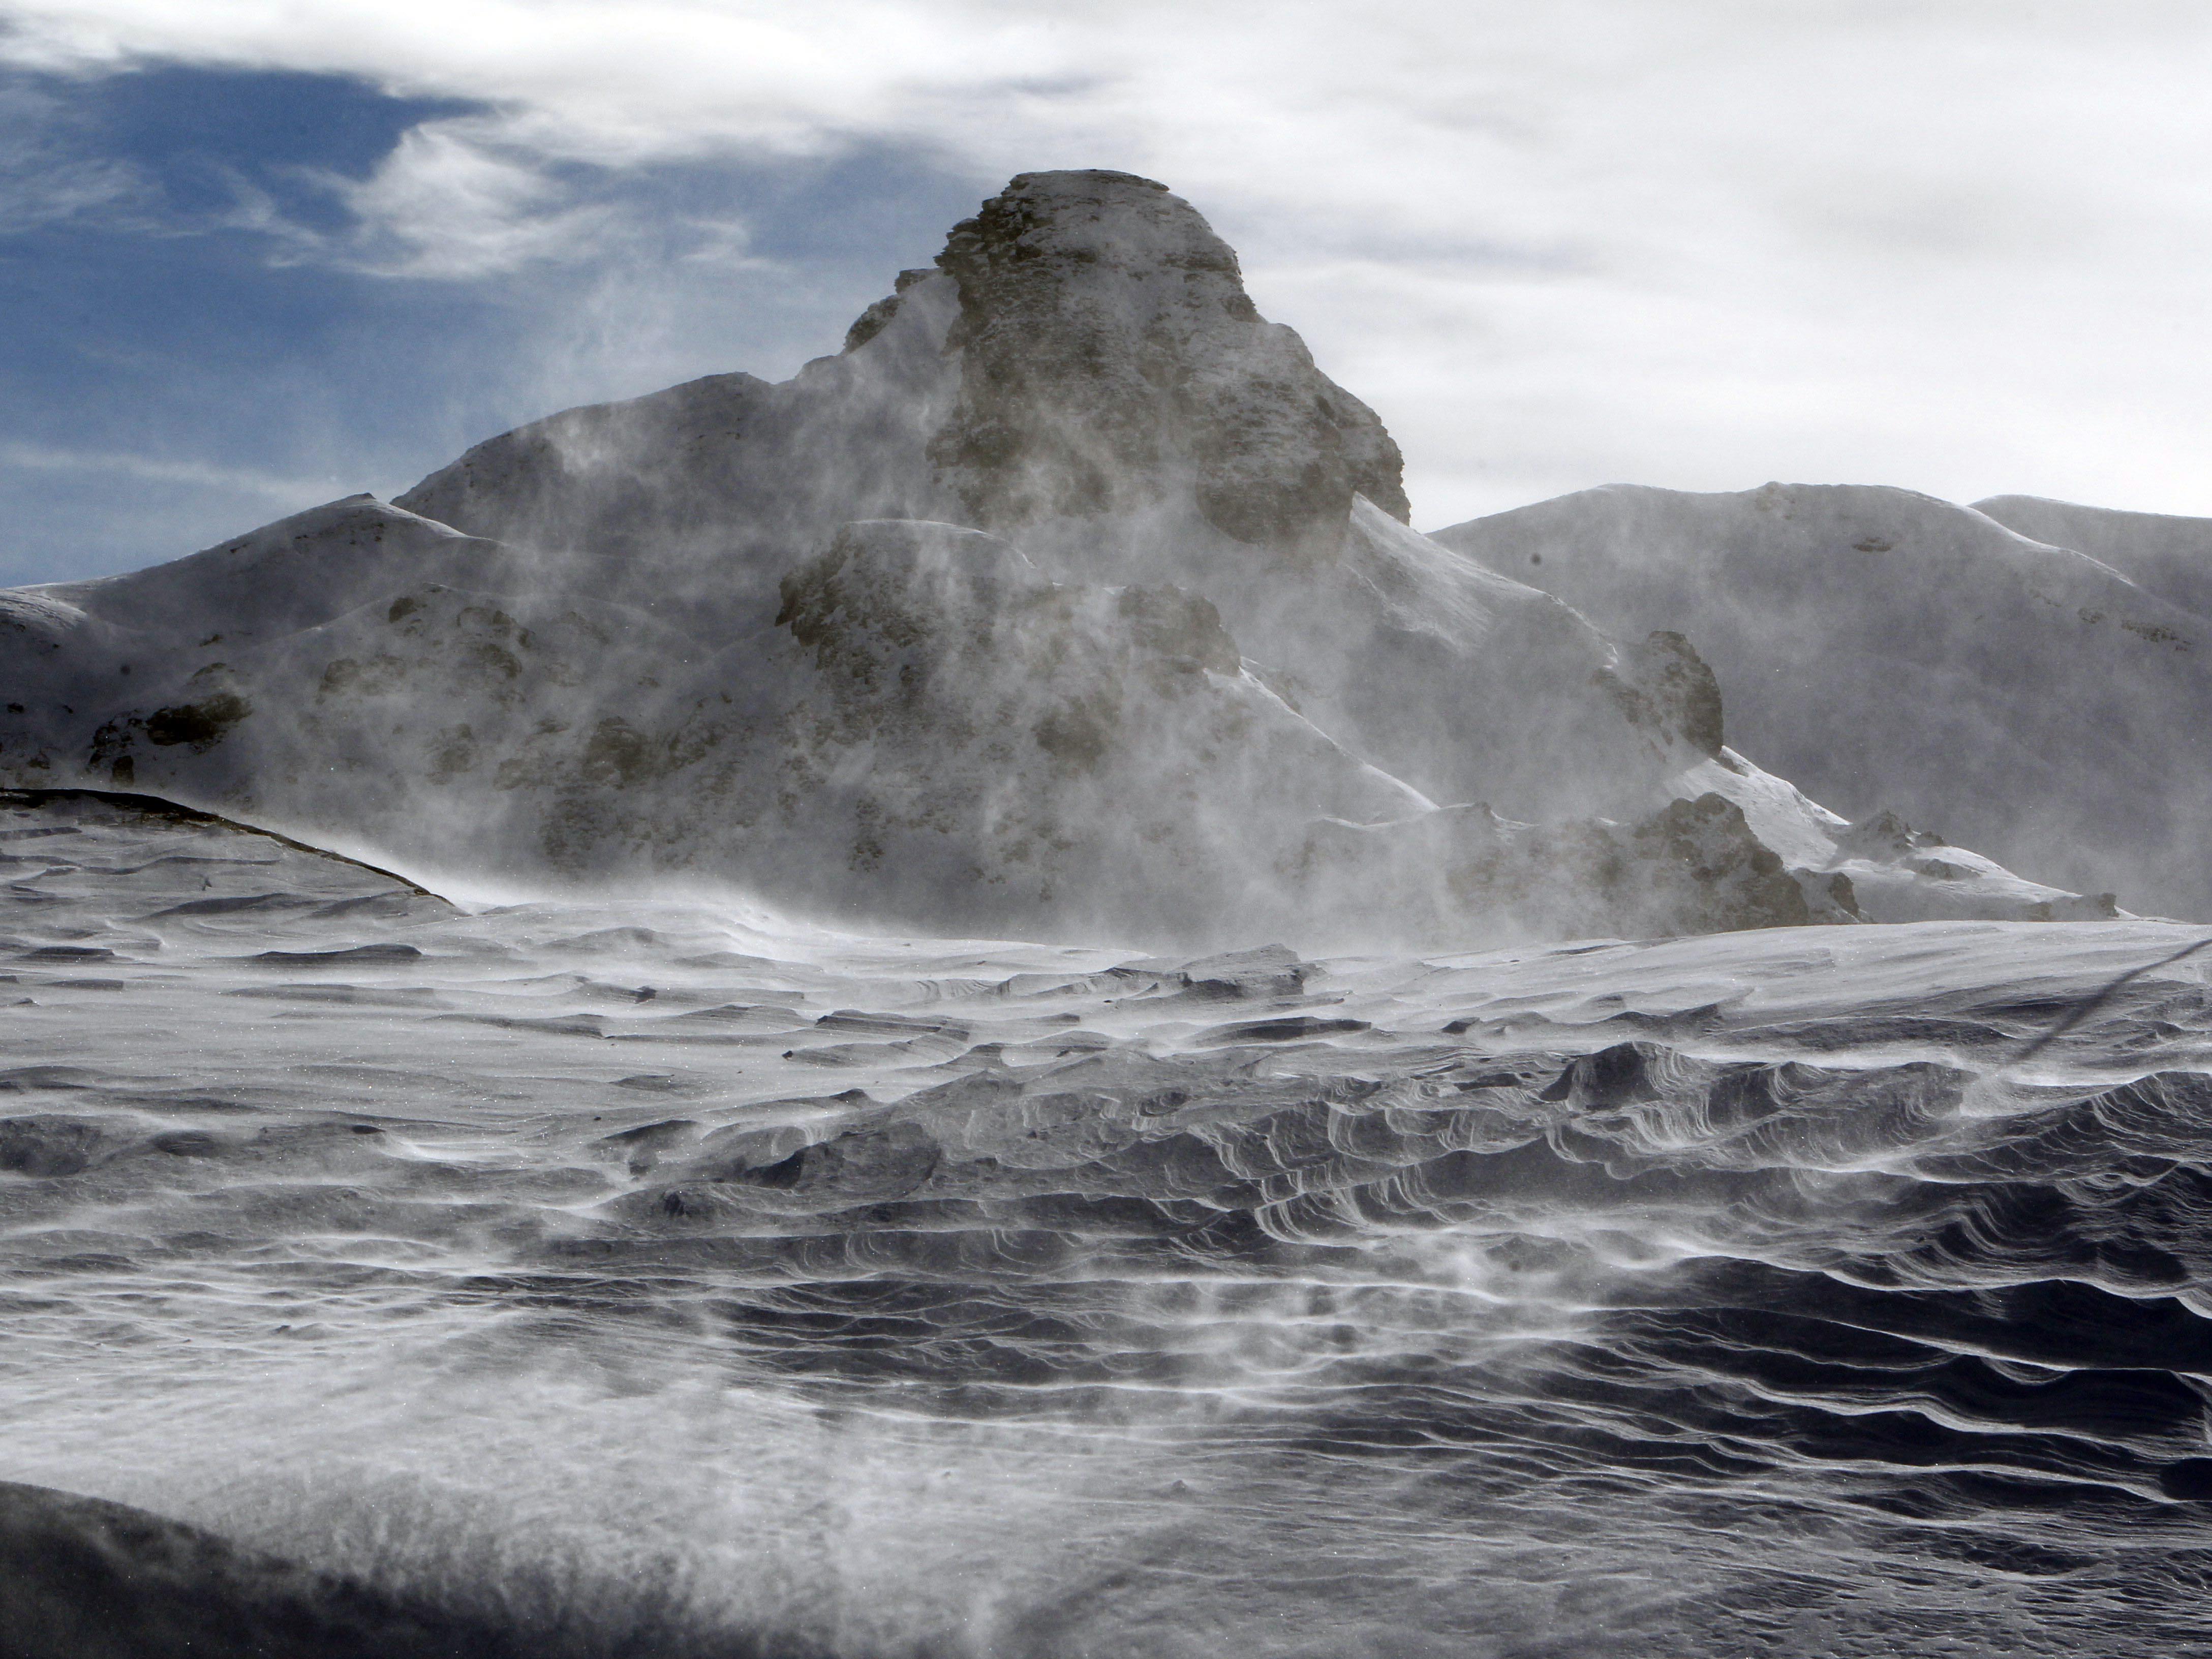 Die starke Föhnströmung wird durch ein ausgesprochen starkes Druckgefälle zwischen der Alpensüd- und Alpennordseite verursacht.